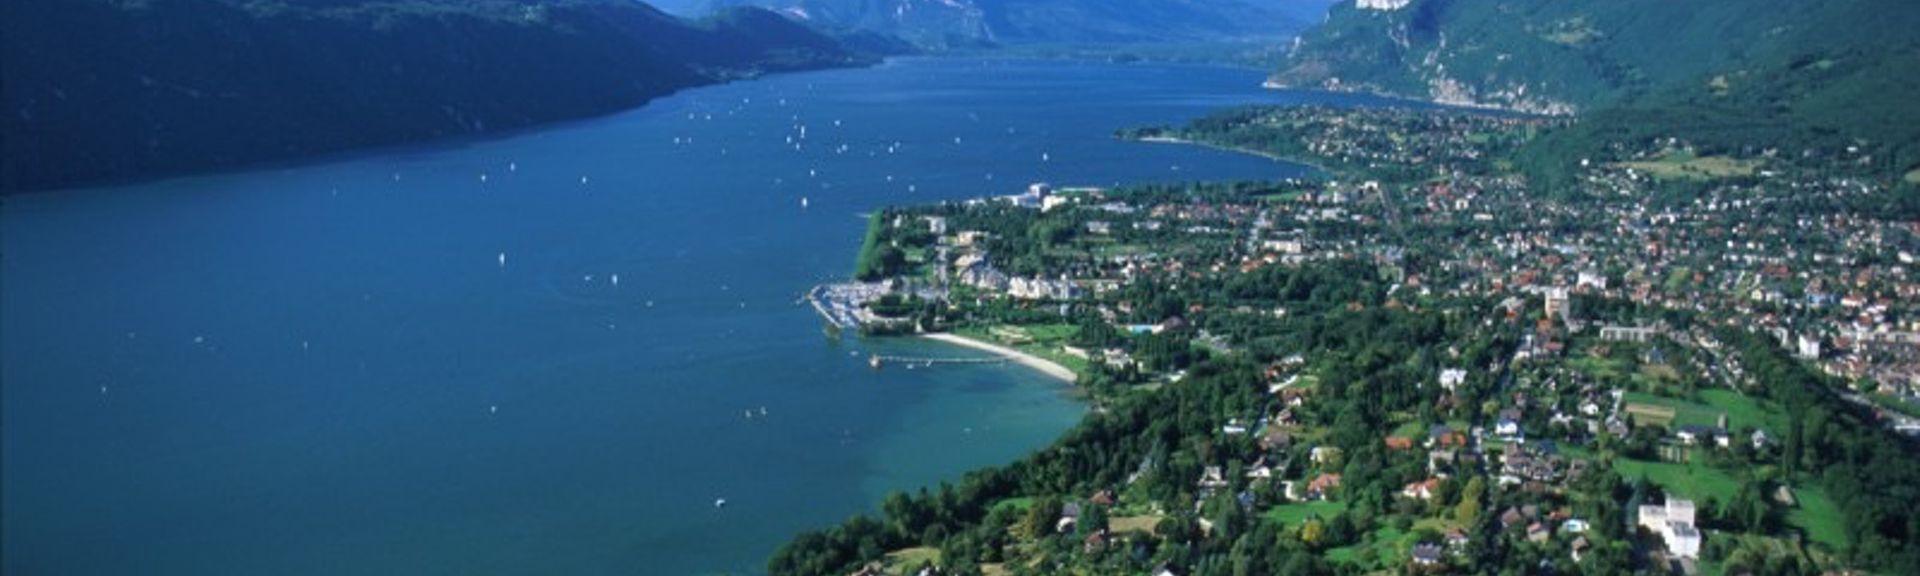 Giez-Lac d'Annecy Golf, Giez, Auvergne-Rhône-Alpes, Frankrike